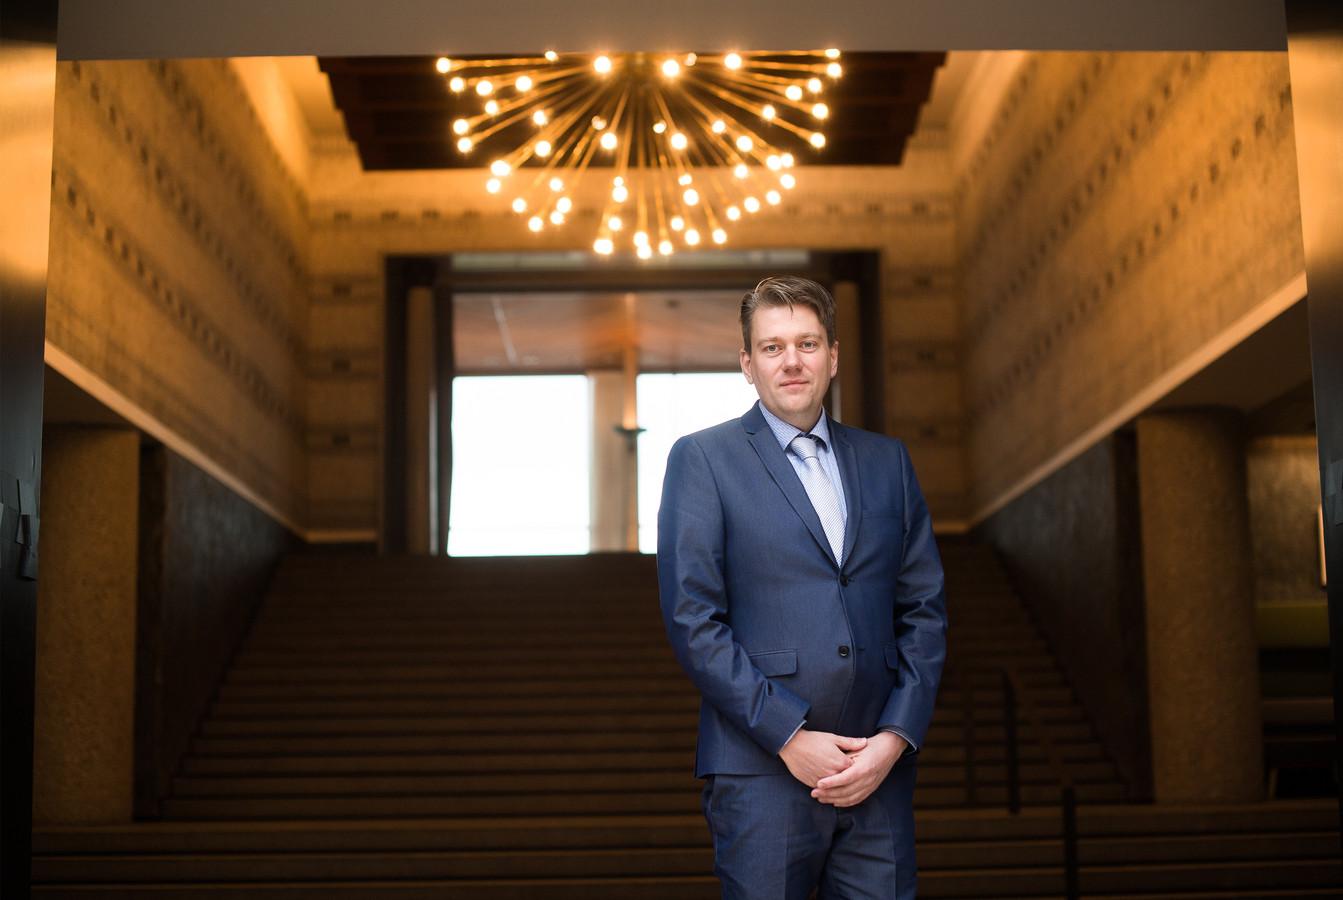 Coen Verheij, lijsttrekker van de PVV in Arnhem voor de komende raadsverkiezingen.